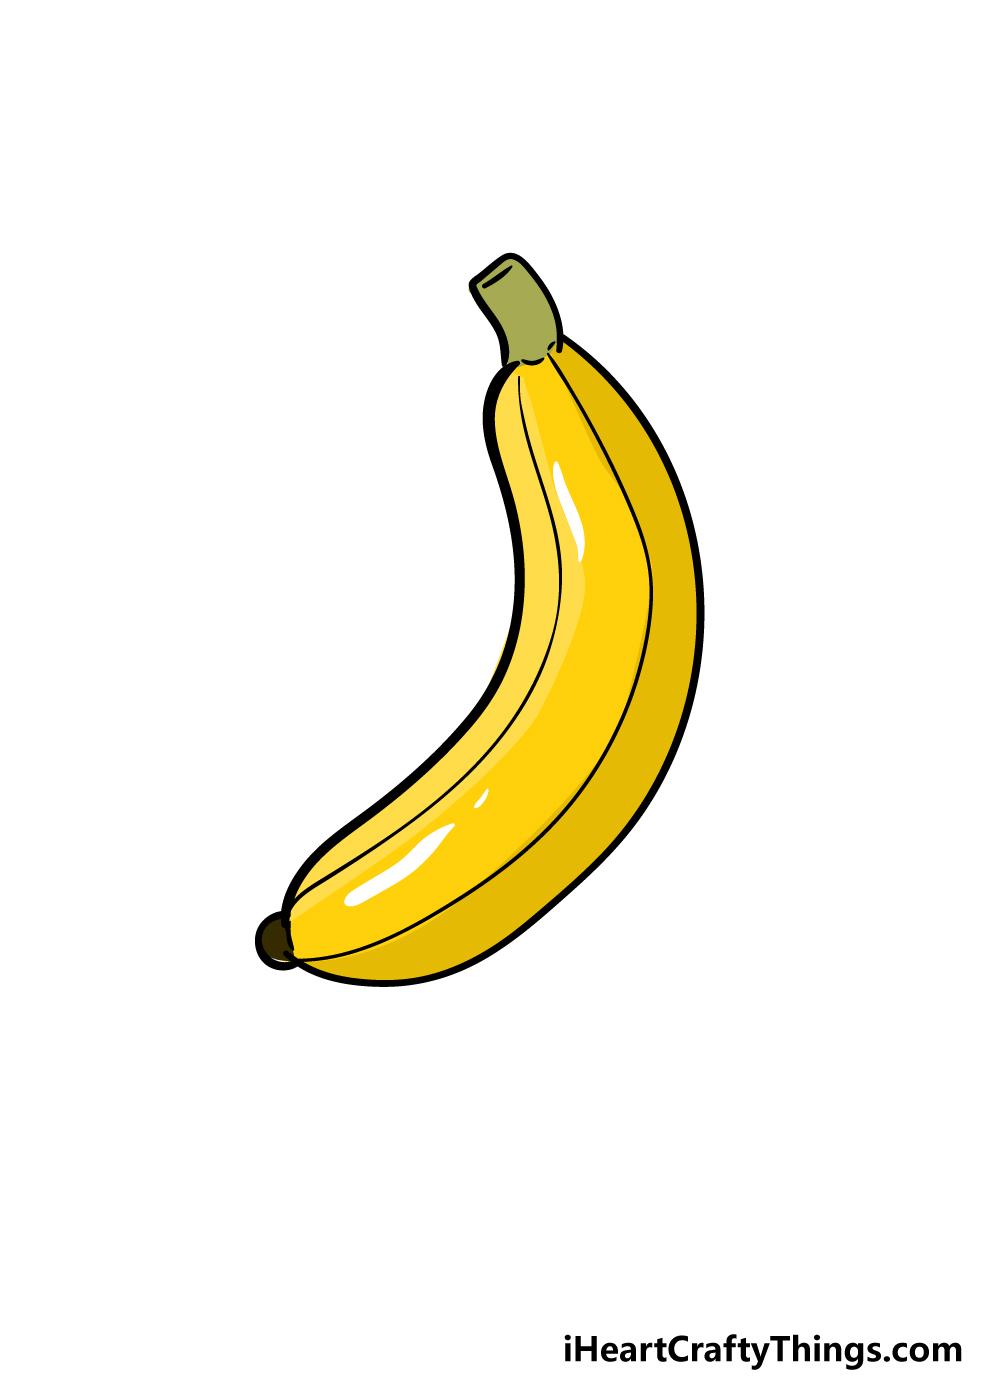 banana drawing step 6